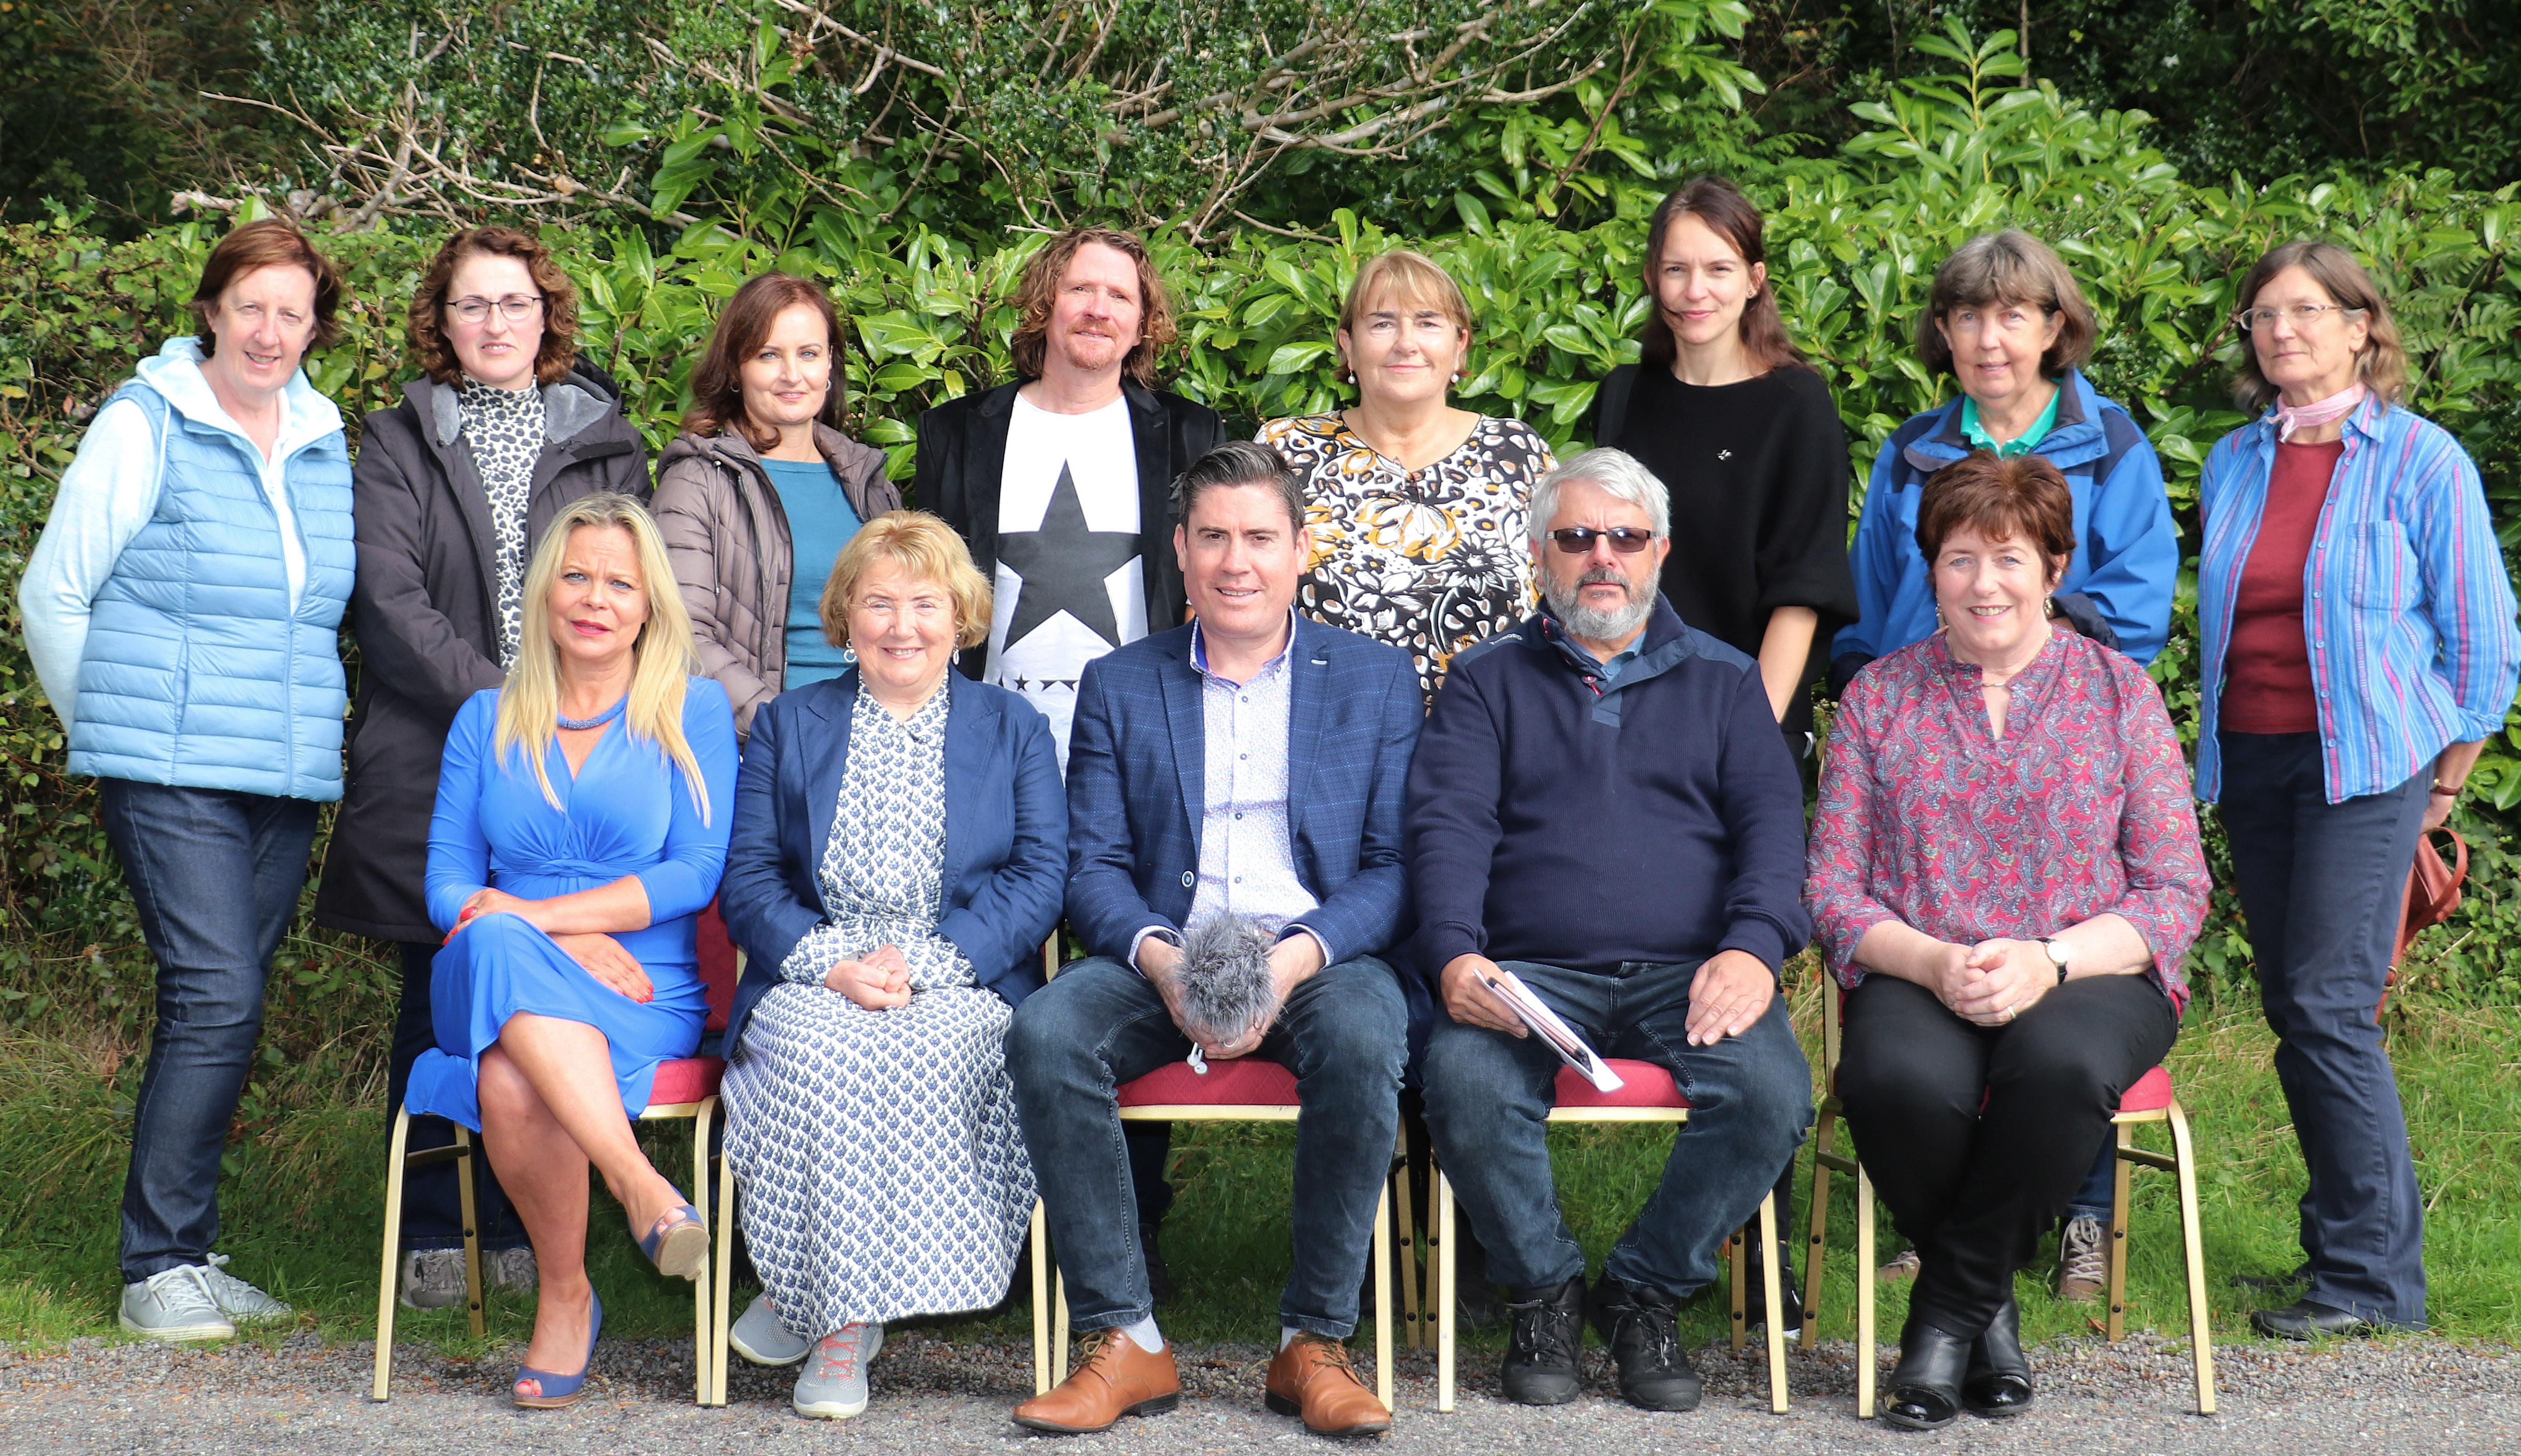 29 Hue Sat -5 Photography Group Mary O'Leary Nora Marie Crowley, Veronica Tagney,Declan O'Shea, Mary O'Neill Jana Machalkova, Mary Barry & Catherine Dodd